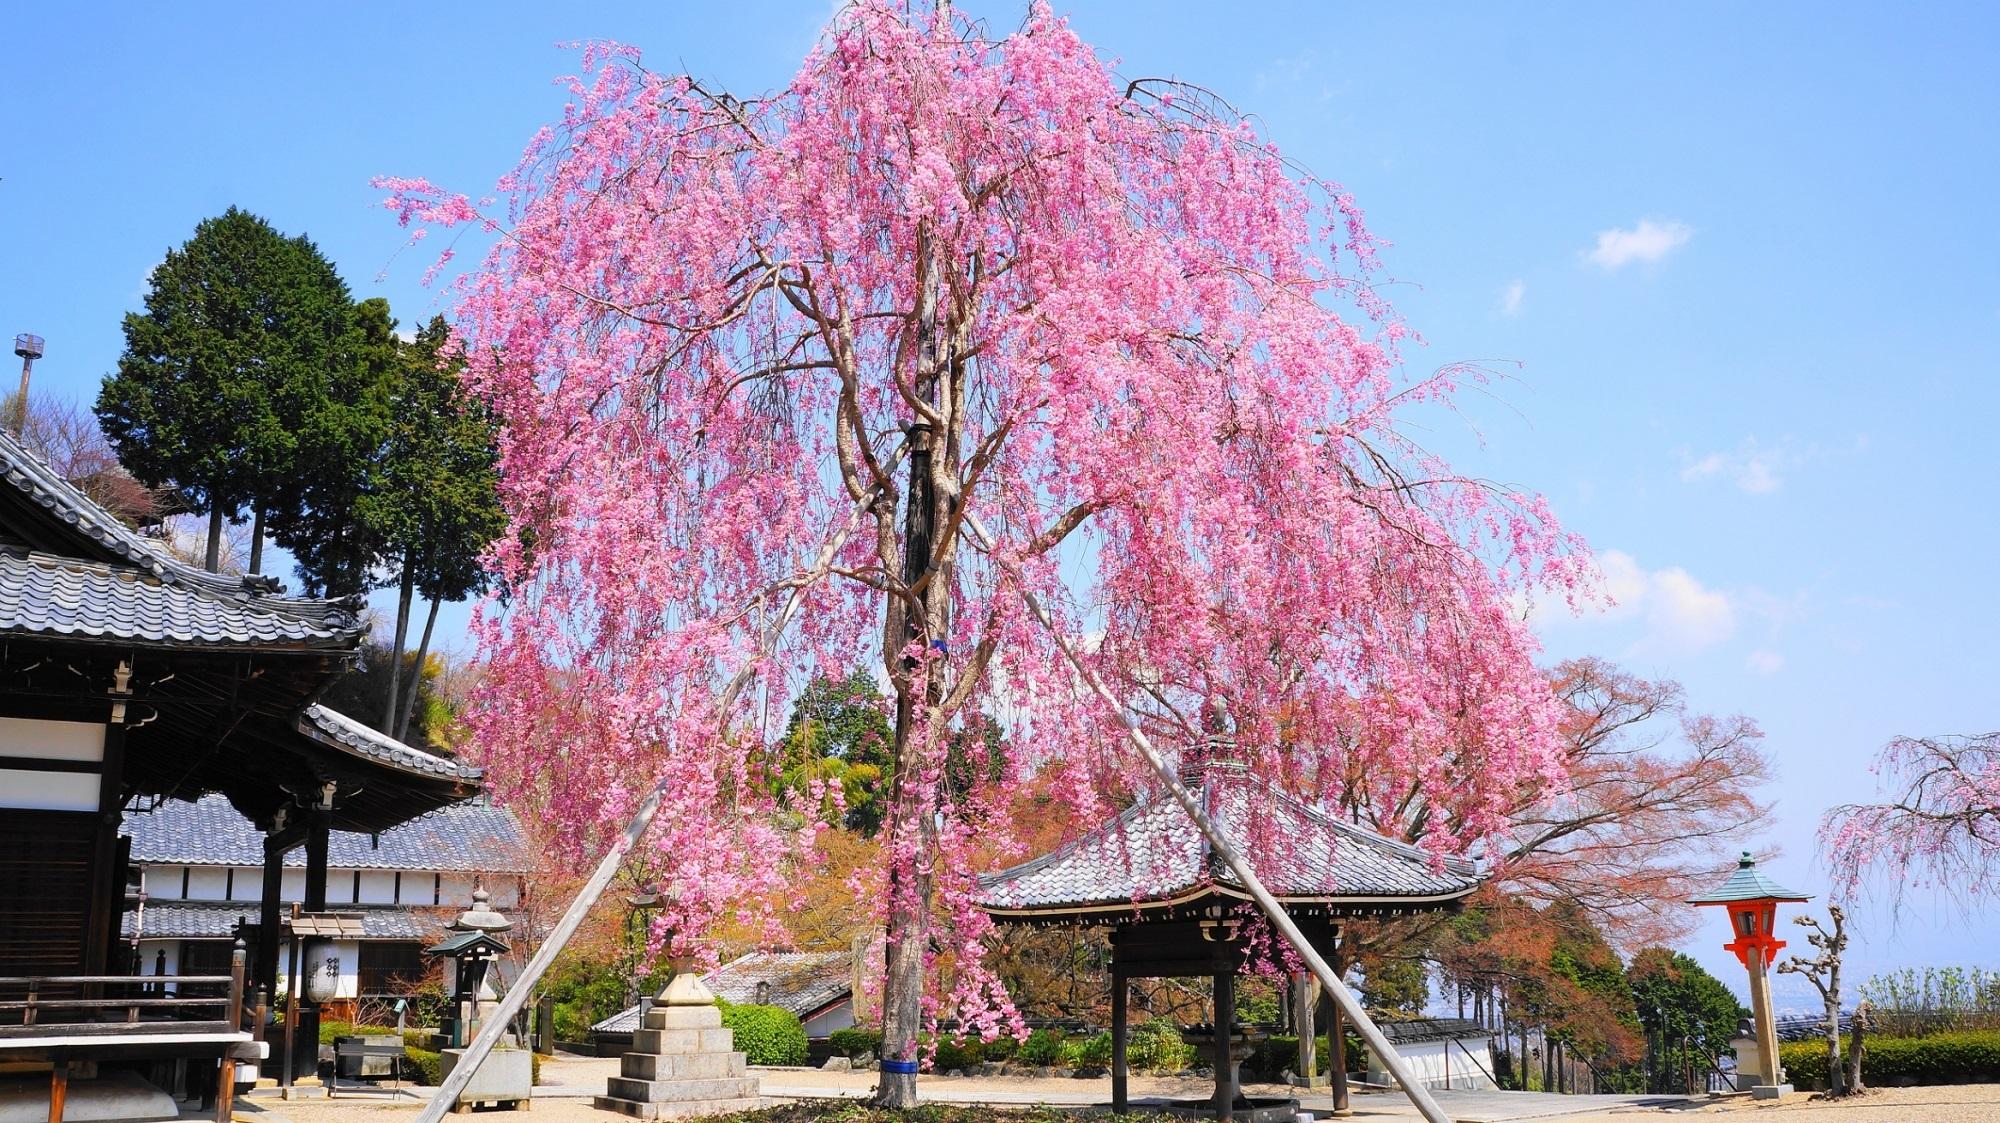 西山と青空を彩る鮮やかな桜